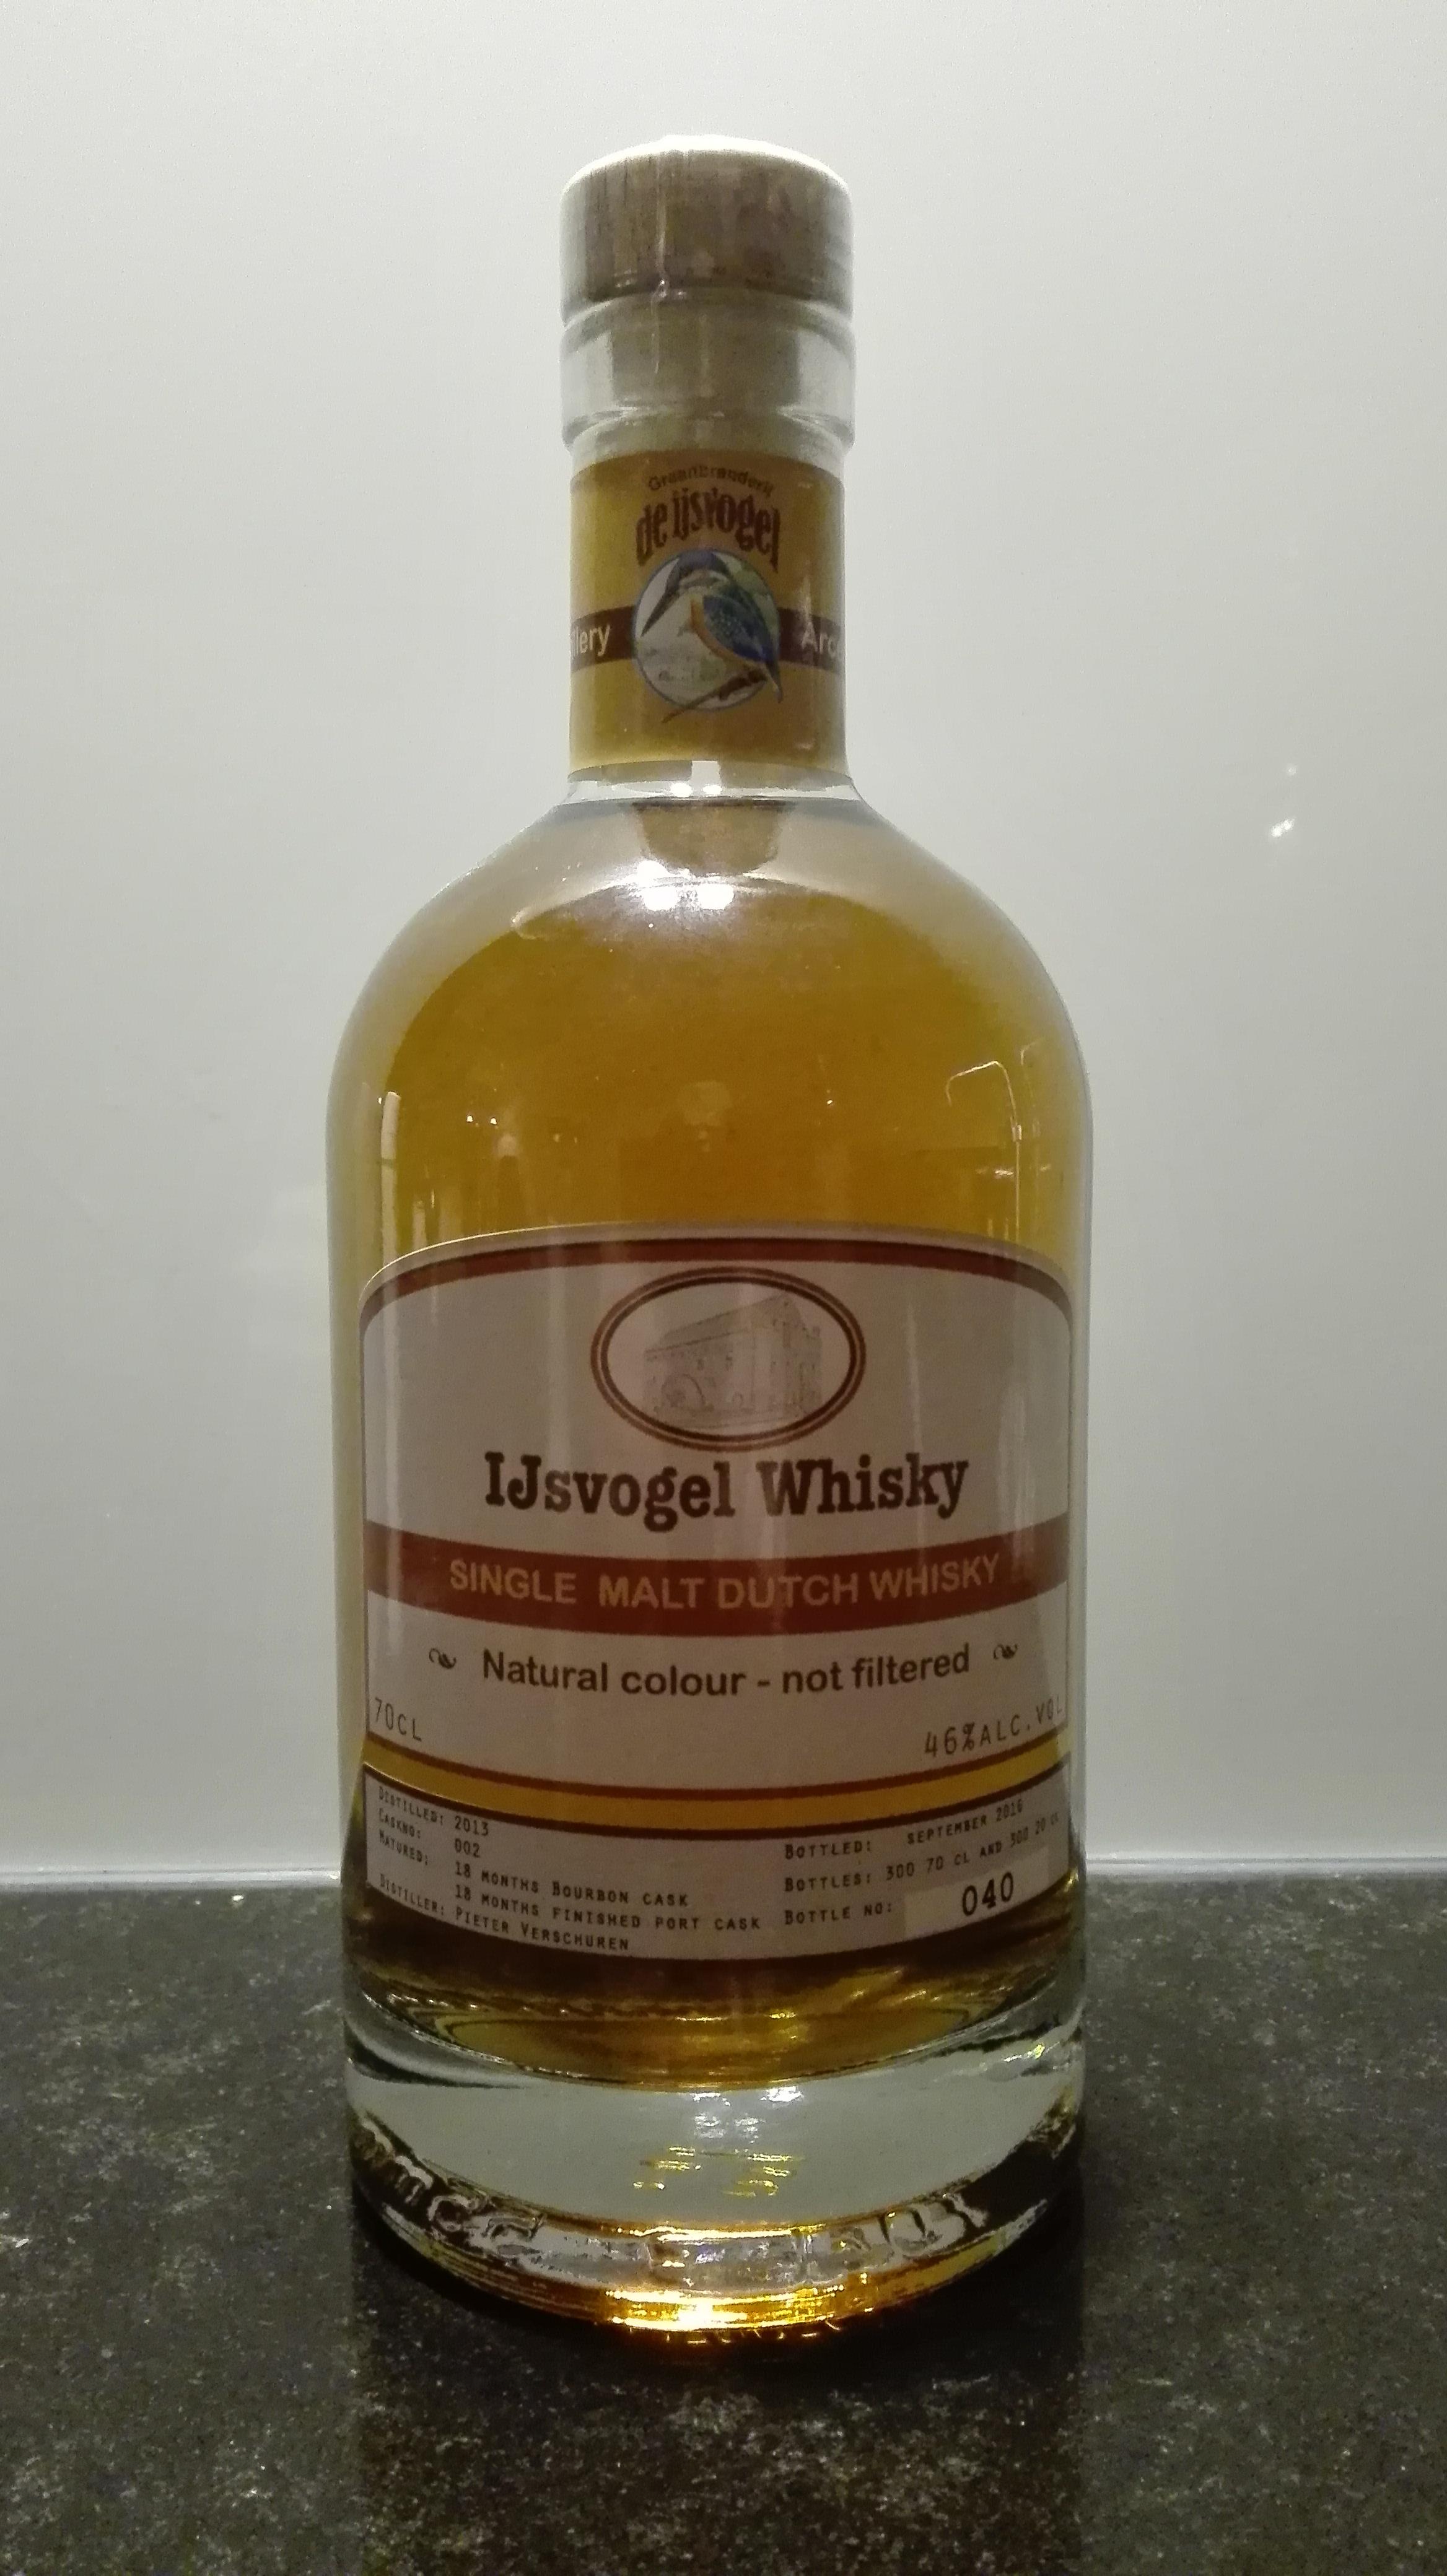 IJsvogel Whisky 2013